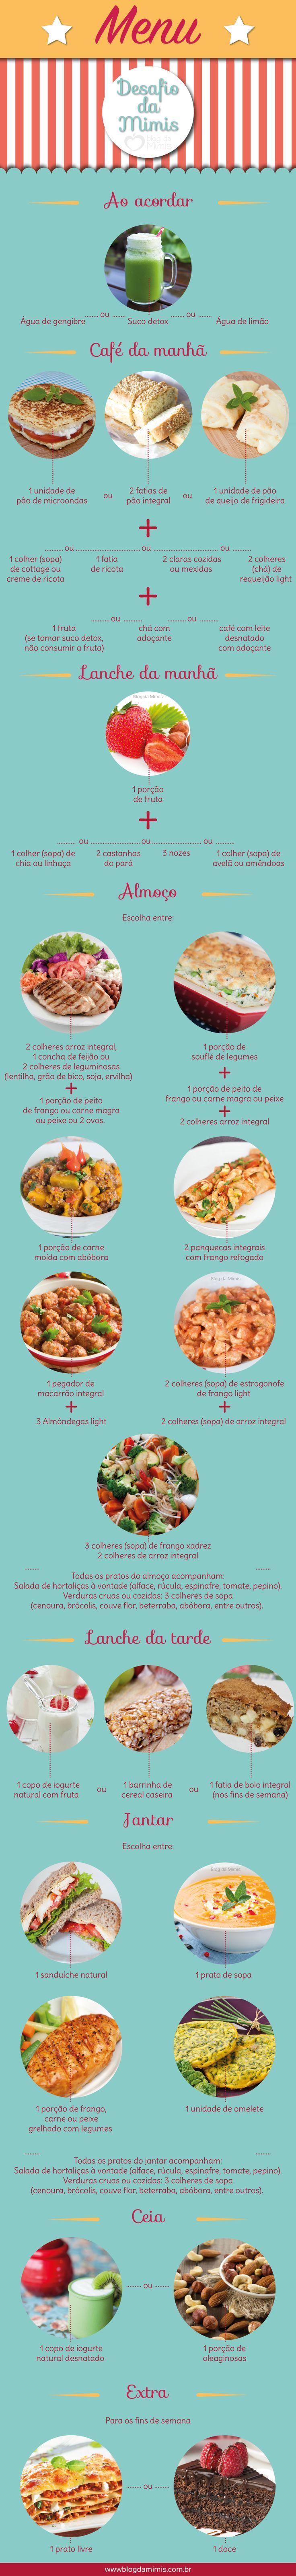 Dieta fácil: super cardápio para o dia a dia